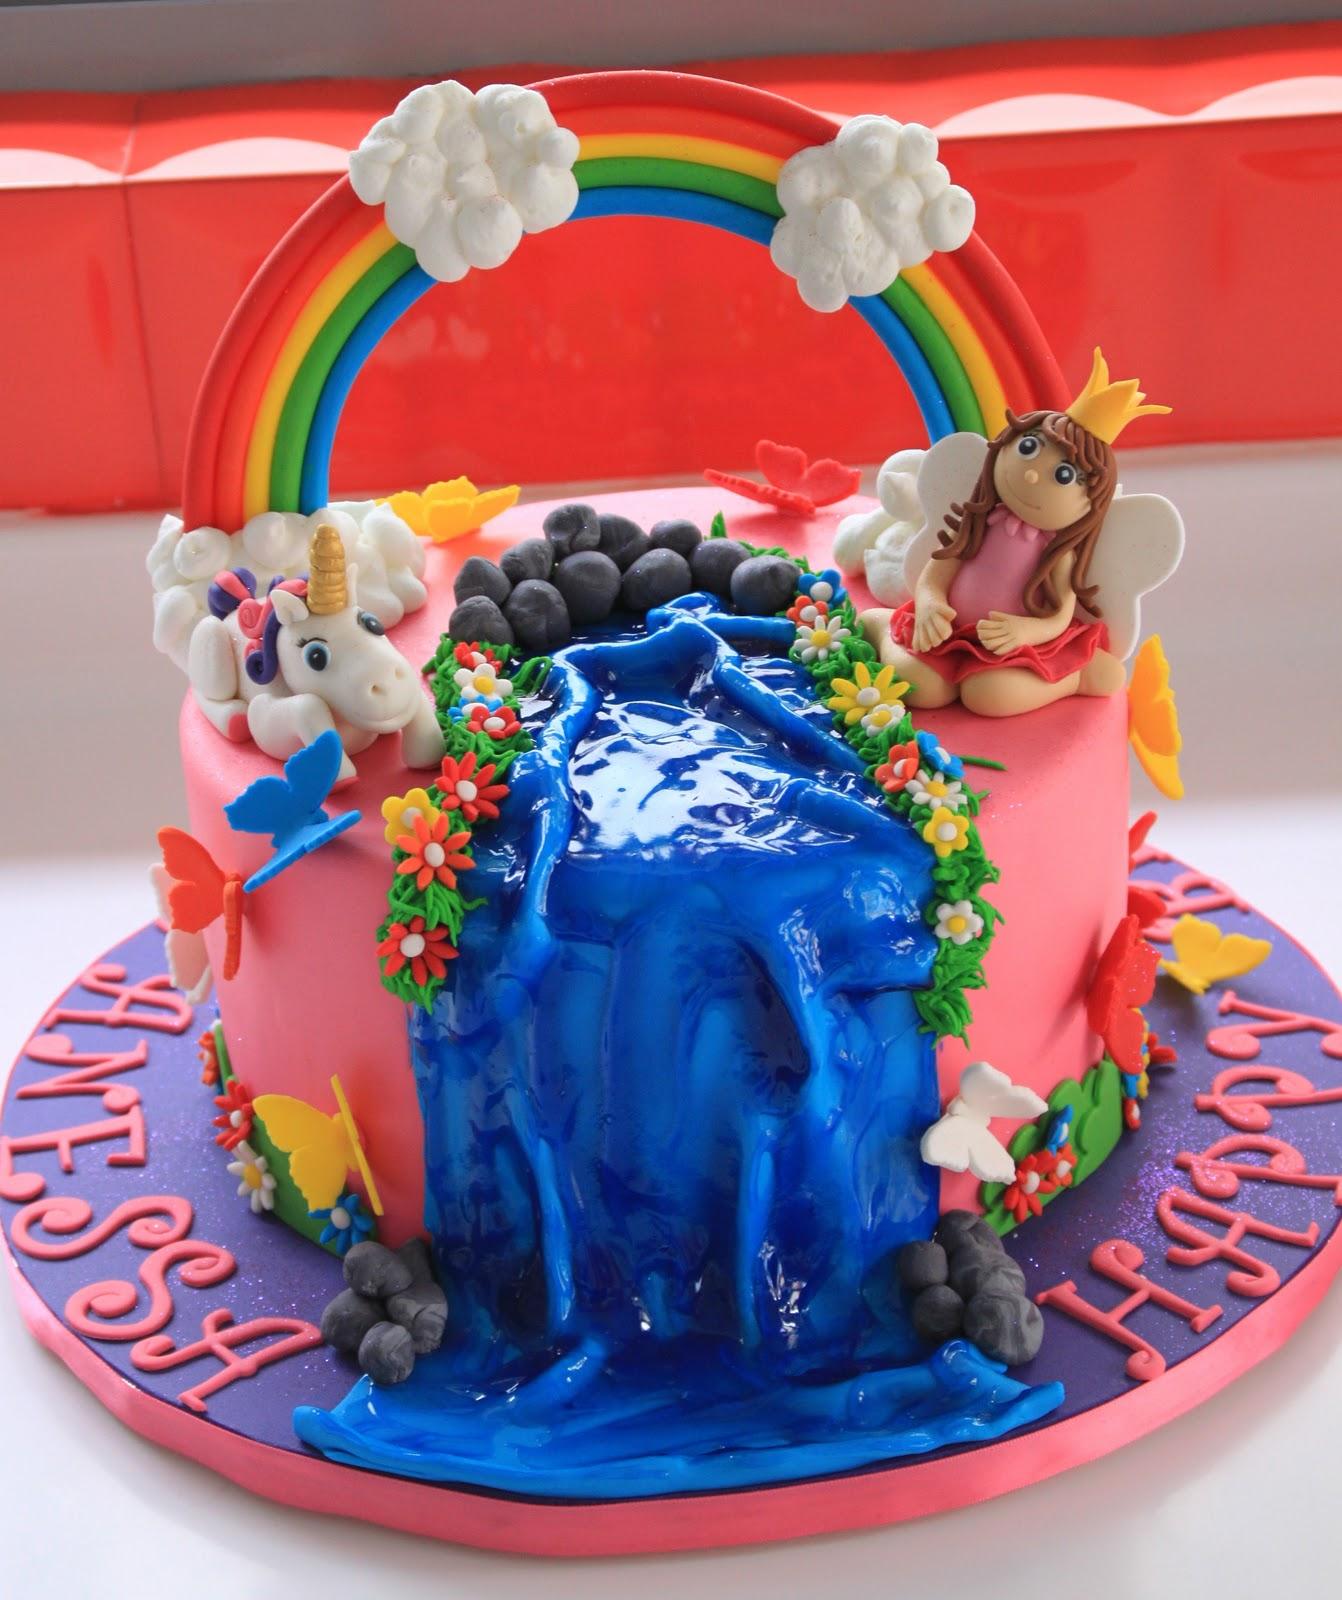 Black Frosting And Cake Cakes Rainbow Unicorn